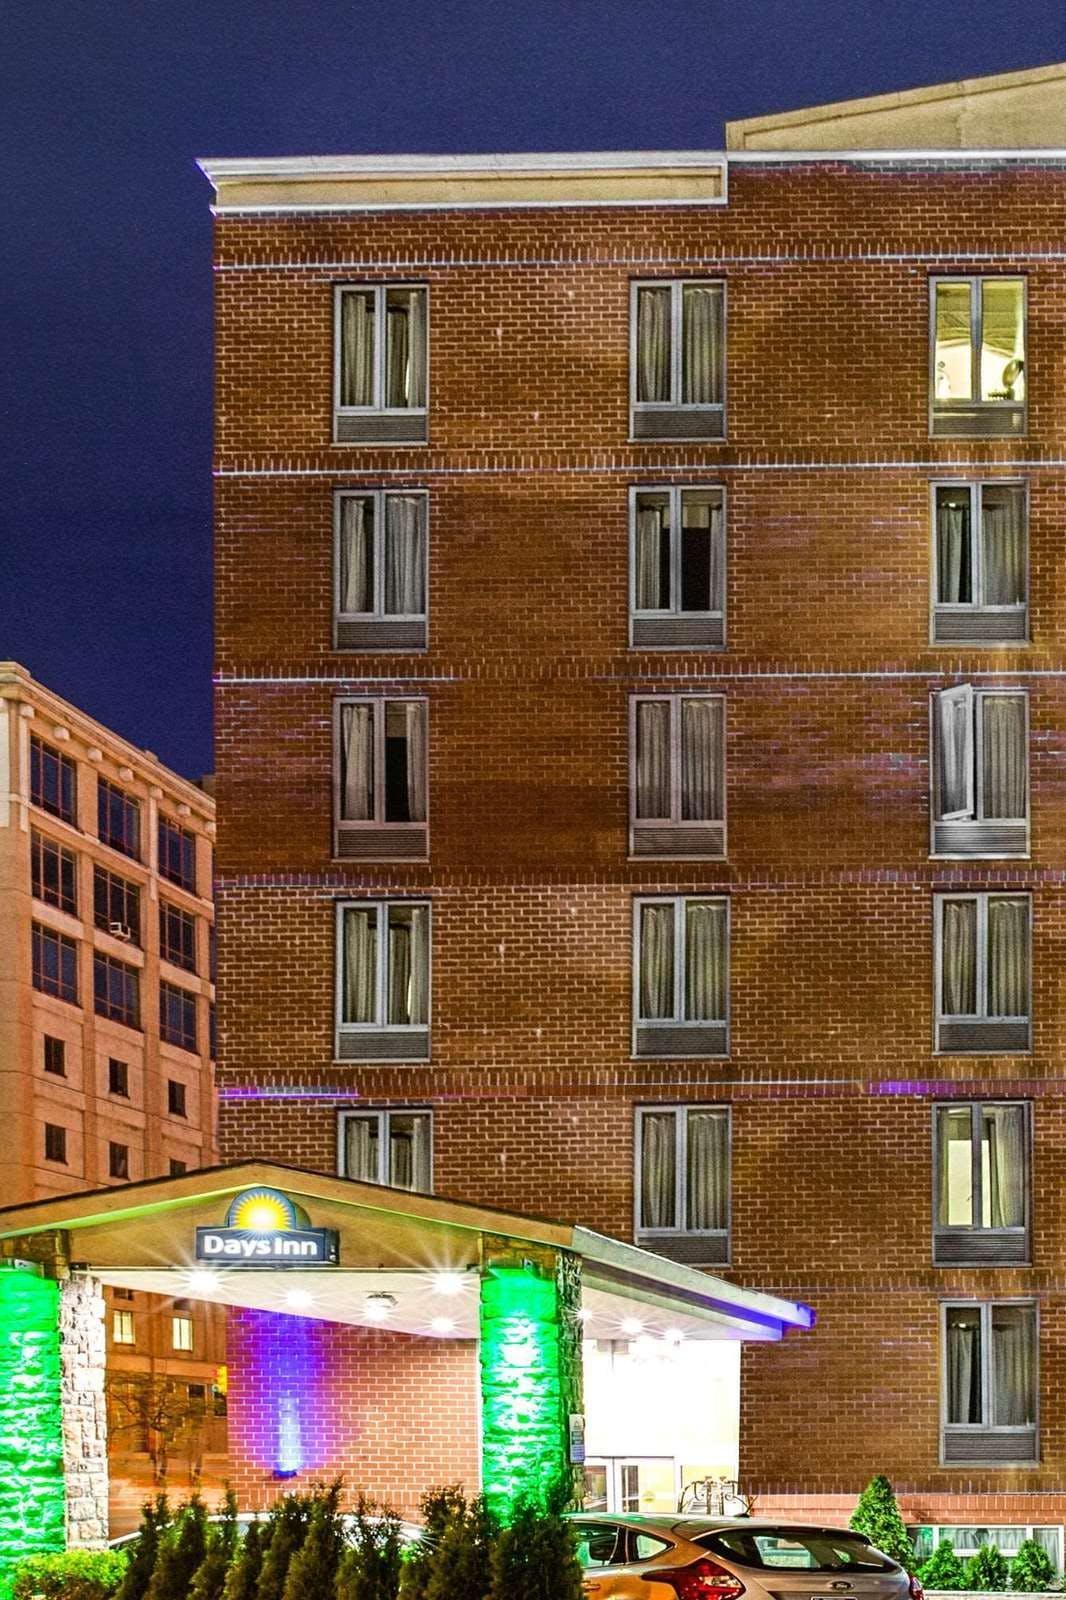 Days Inn by Wyndham Long Island City